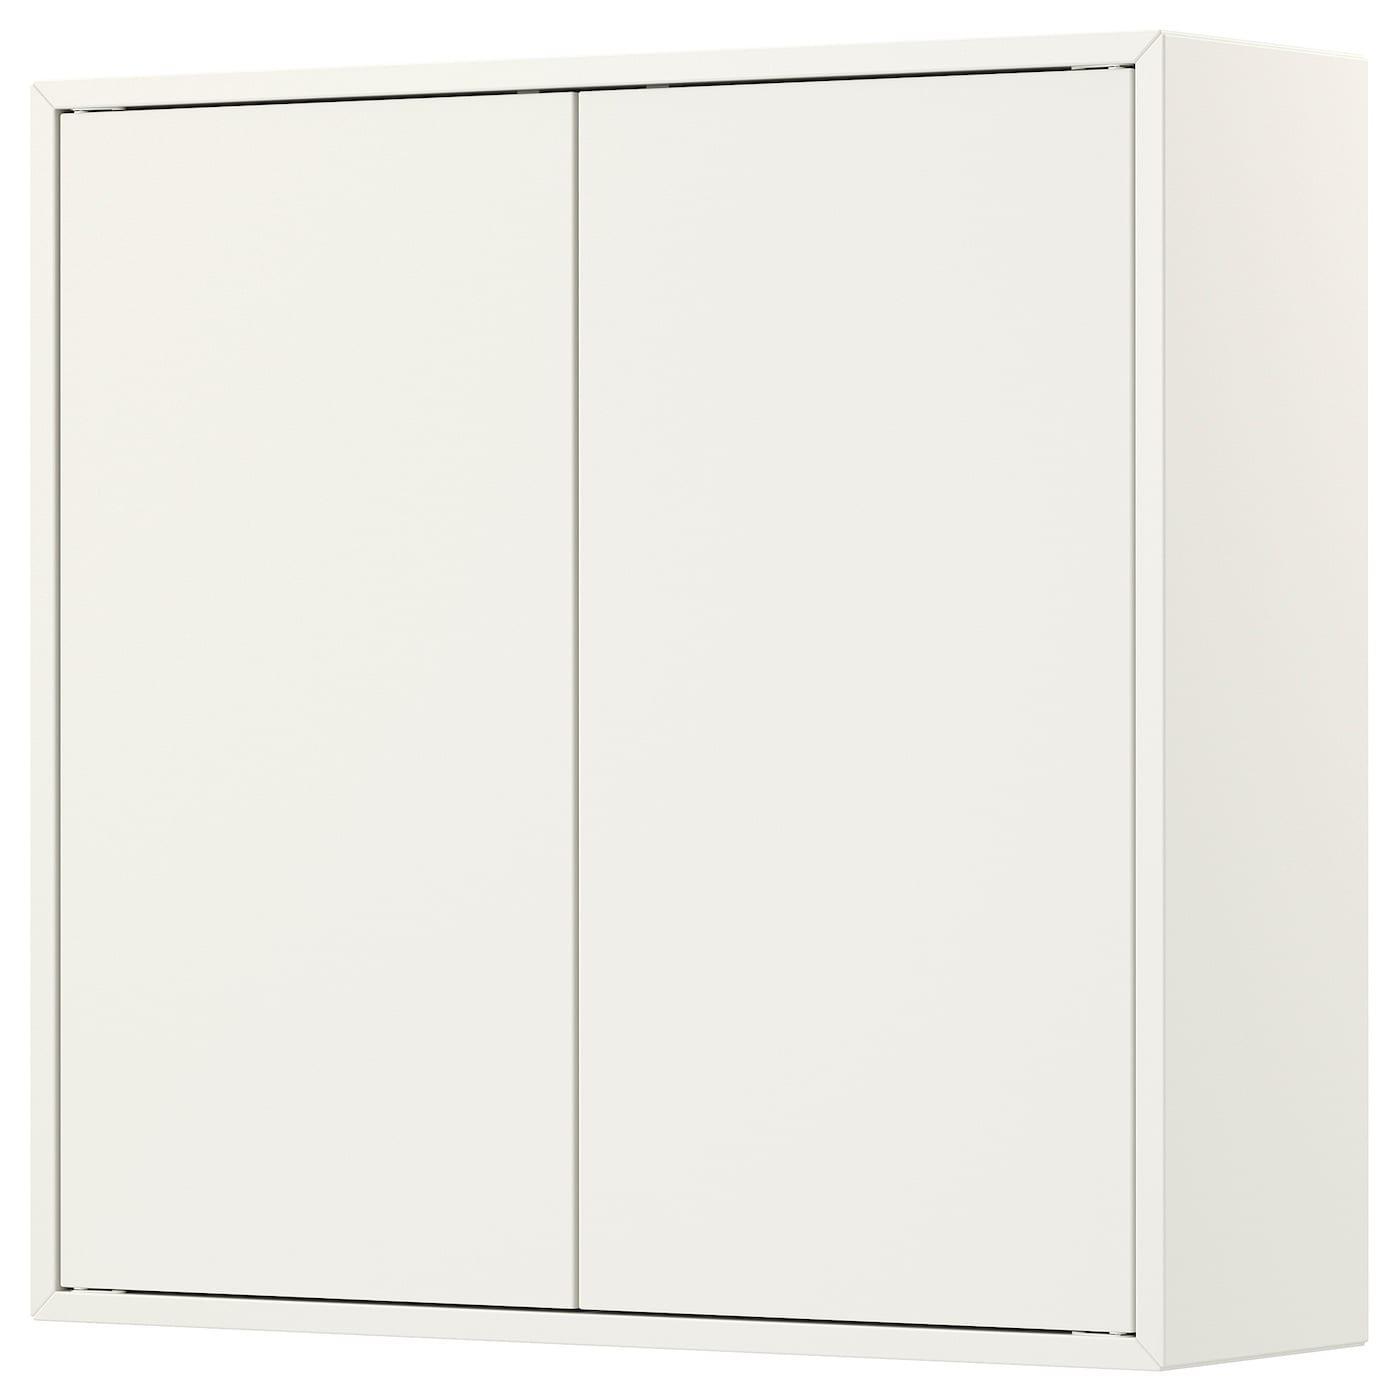 EKET Schrank mit 8 Türen + 8 Böden - weiß 8x85x8 cm